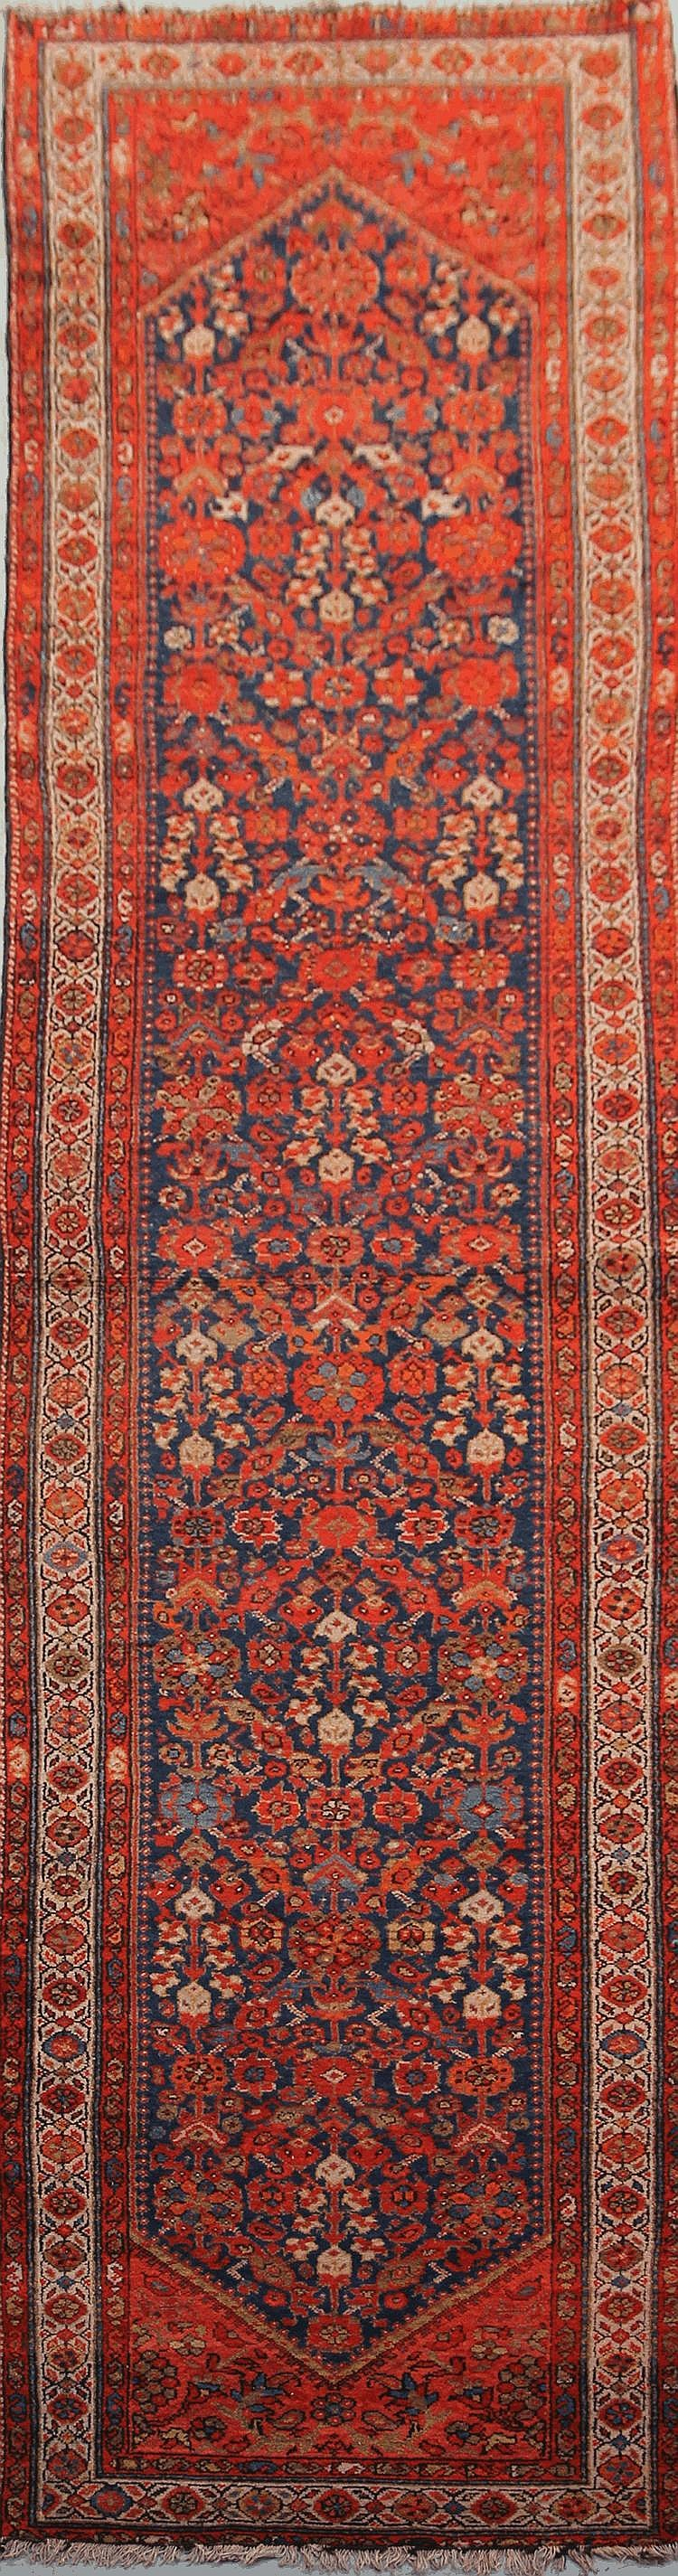 Importante et ancienne galerie FERAHAN (Nord Ouest de la Perse) fond bleu de Prusse à décor « Herati » Début XXème siècle 400 x 100 cm